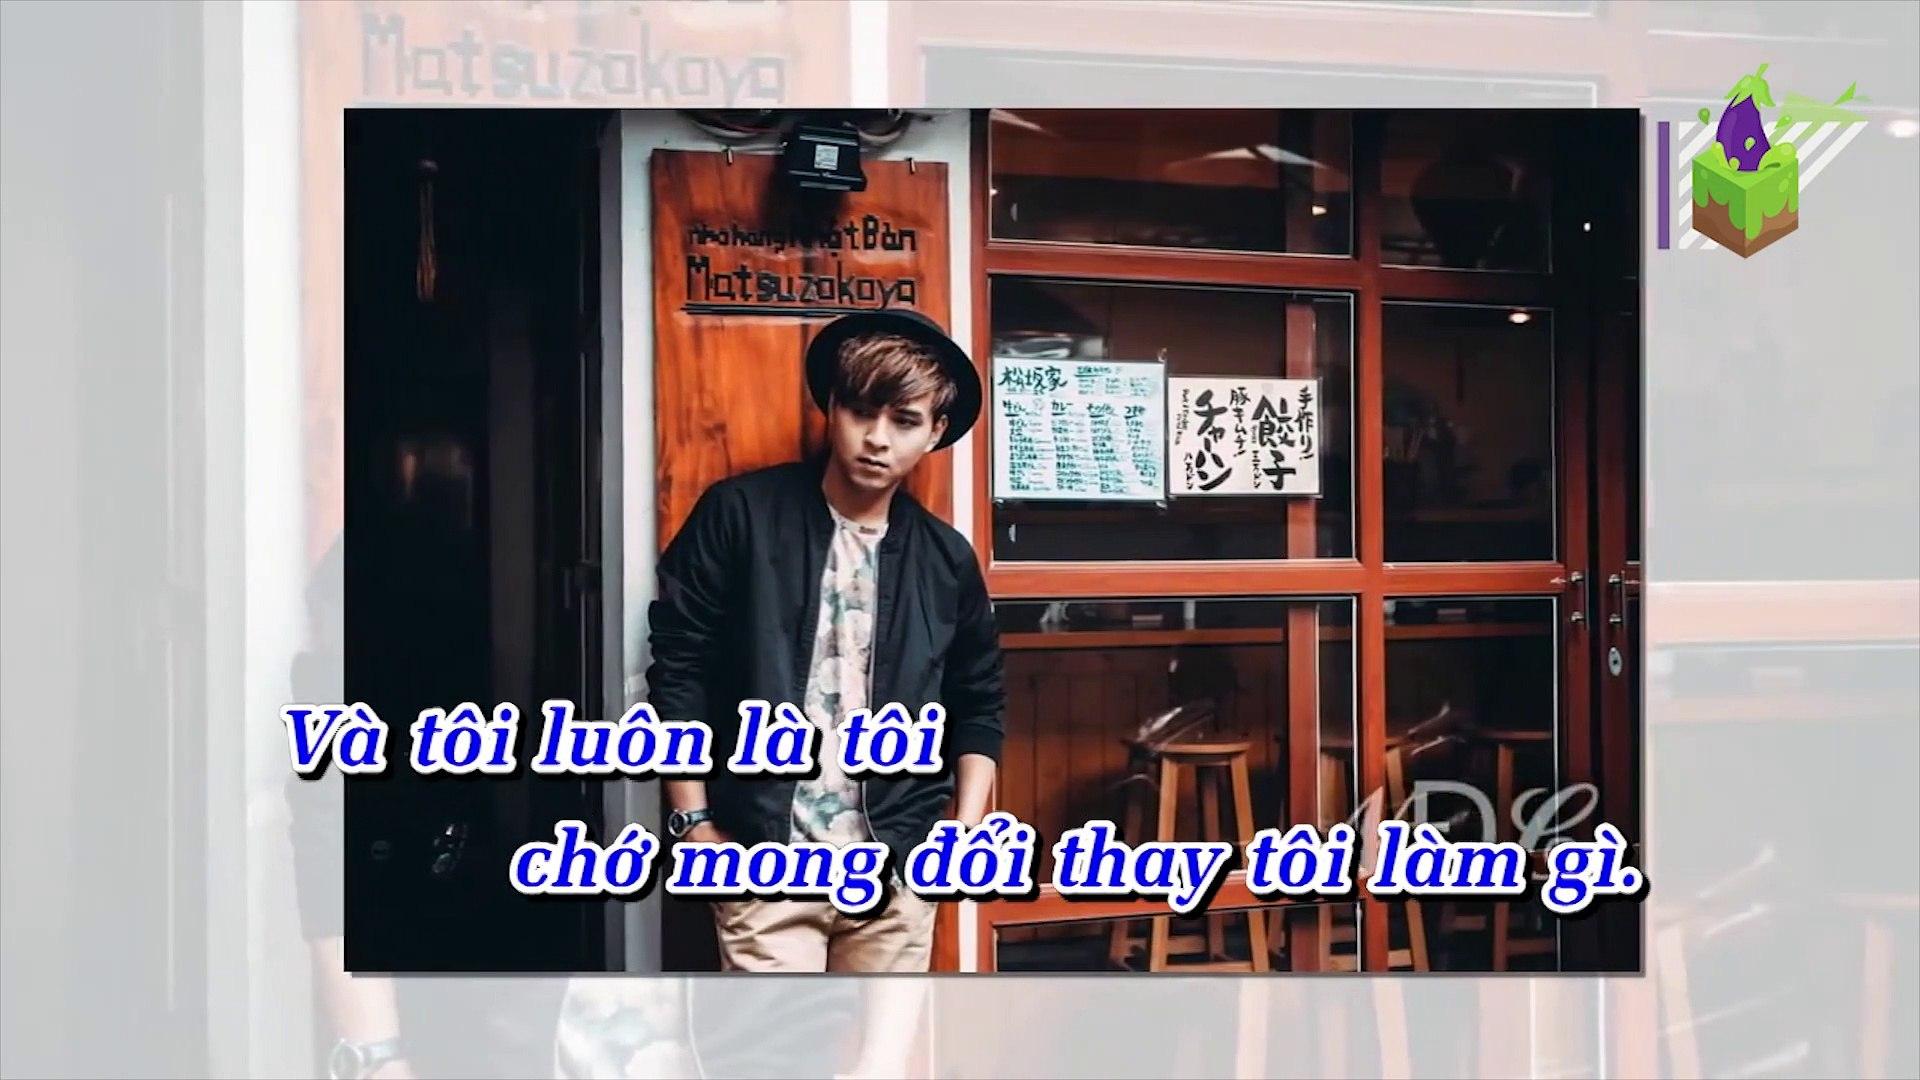 [Karaoke] Tôi Là Tôi (Remix) - Hồ Quang Hiếu [Beat]